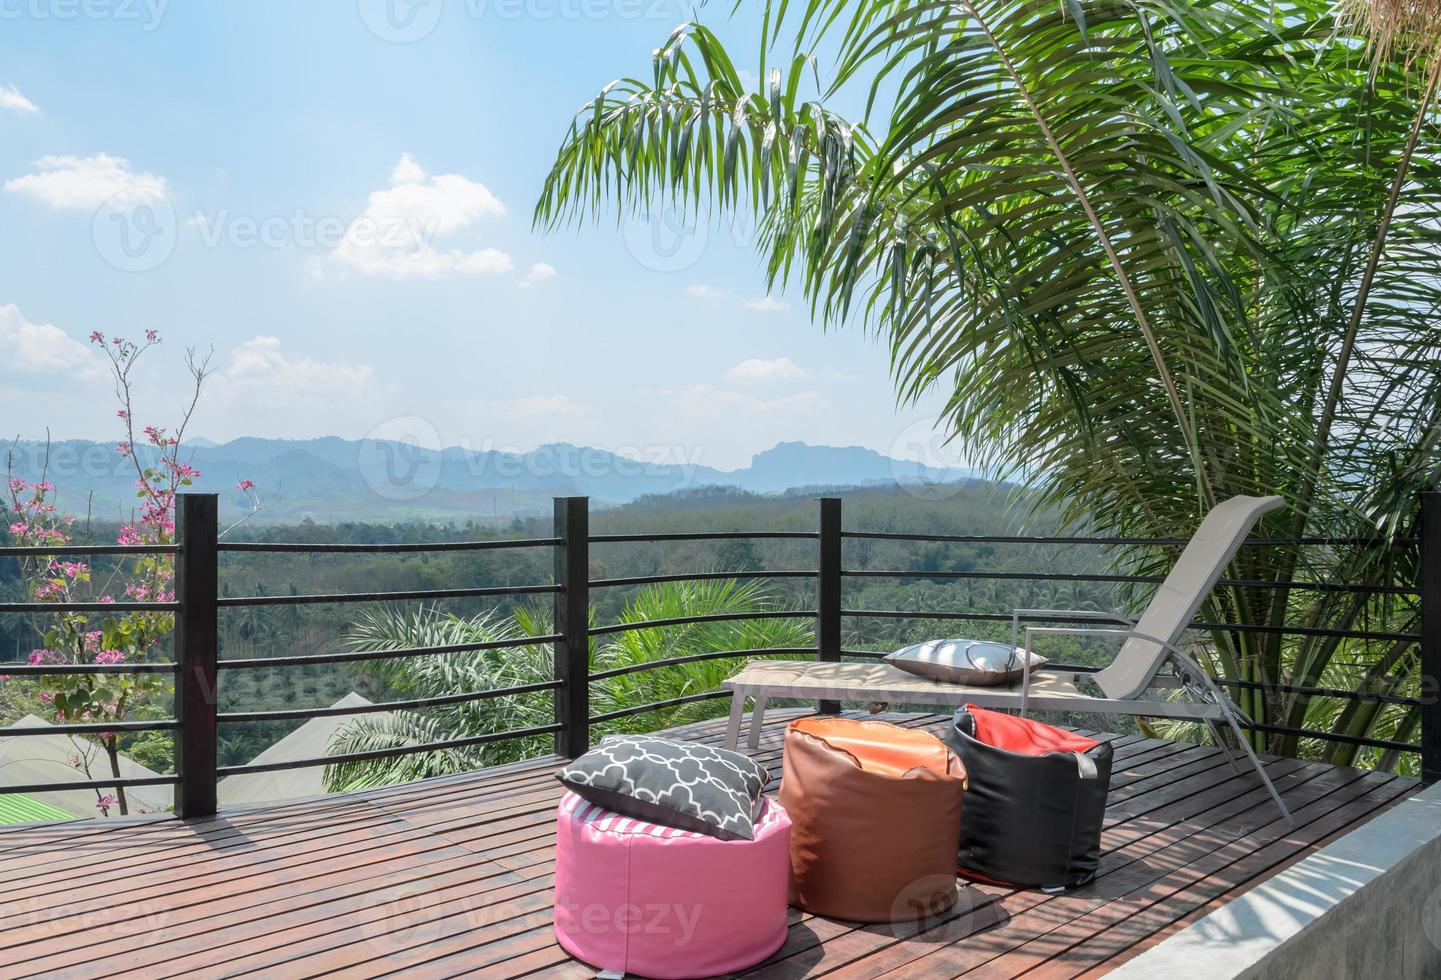 patio al aire libre con vista a la montaña en Tailandia foto